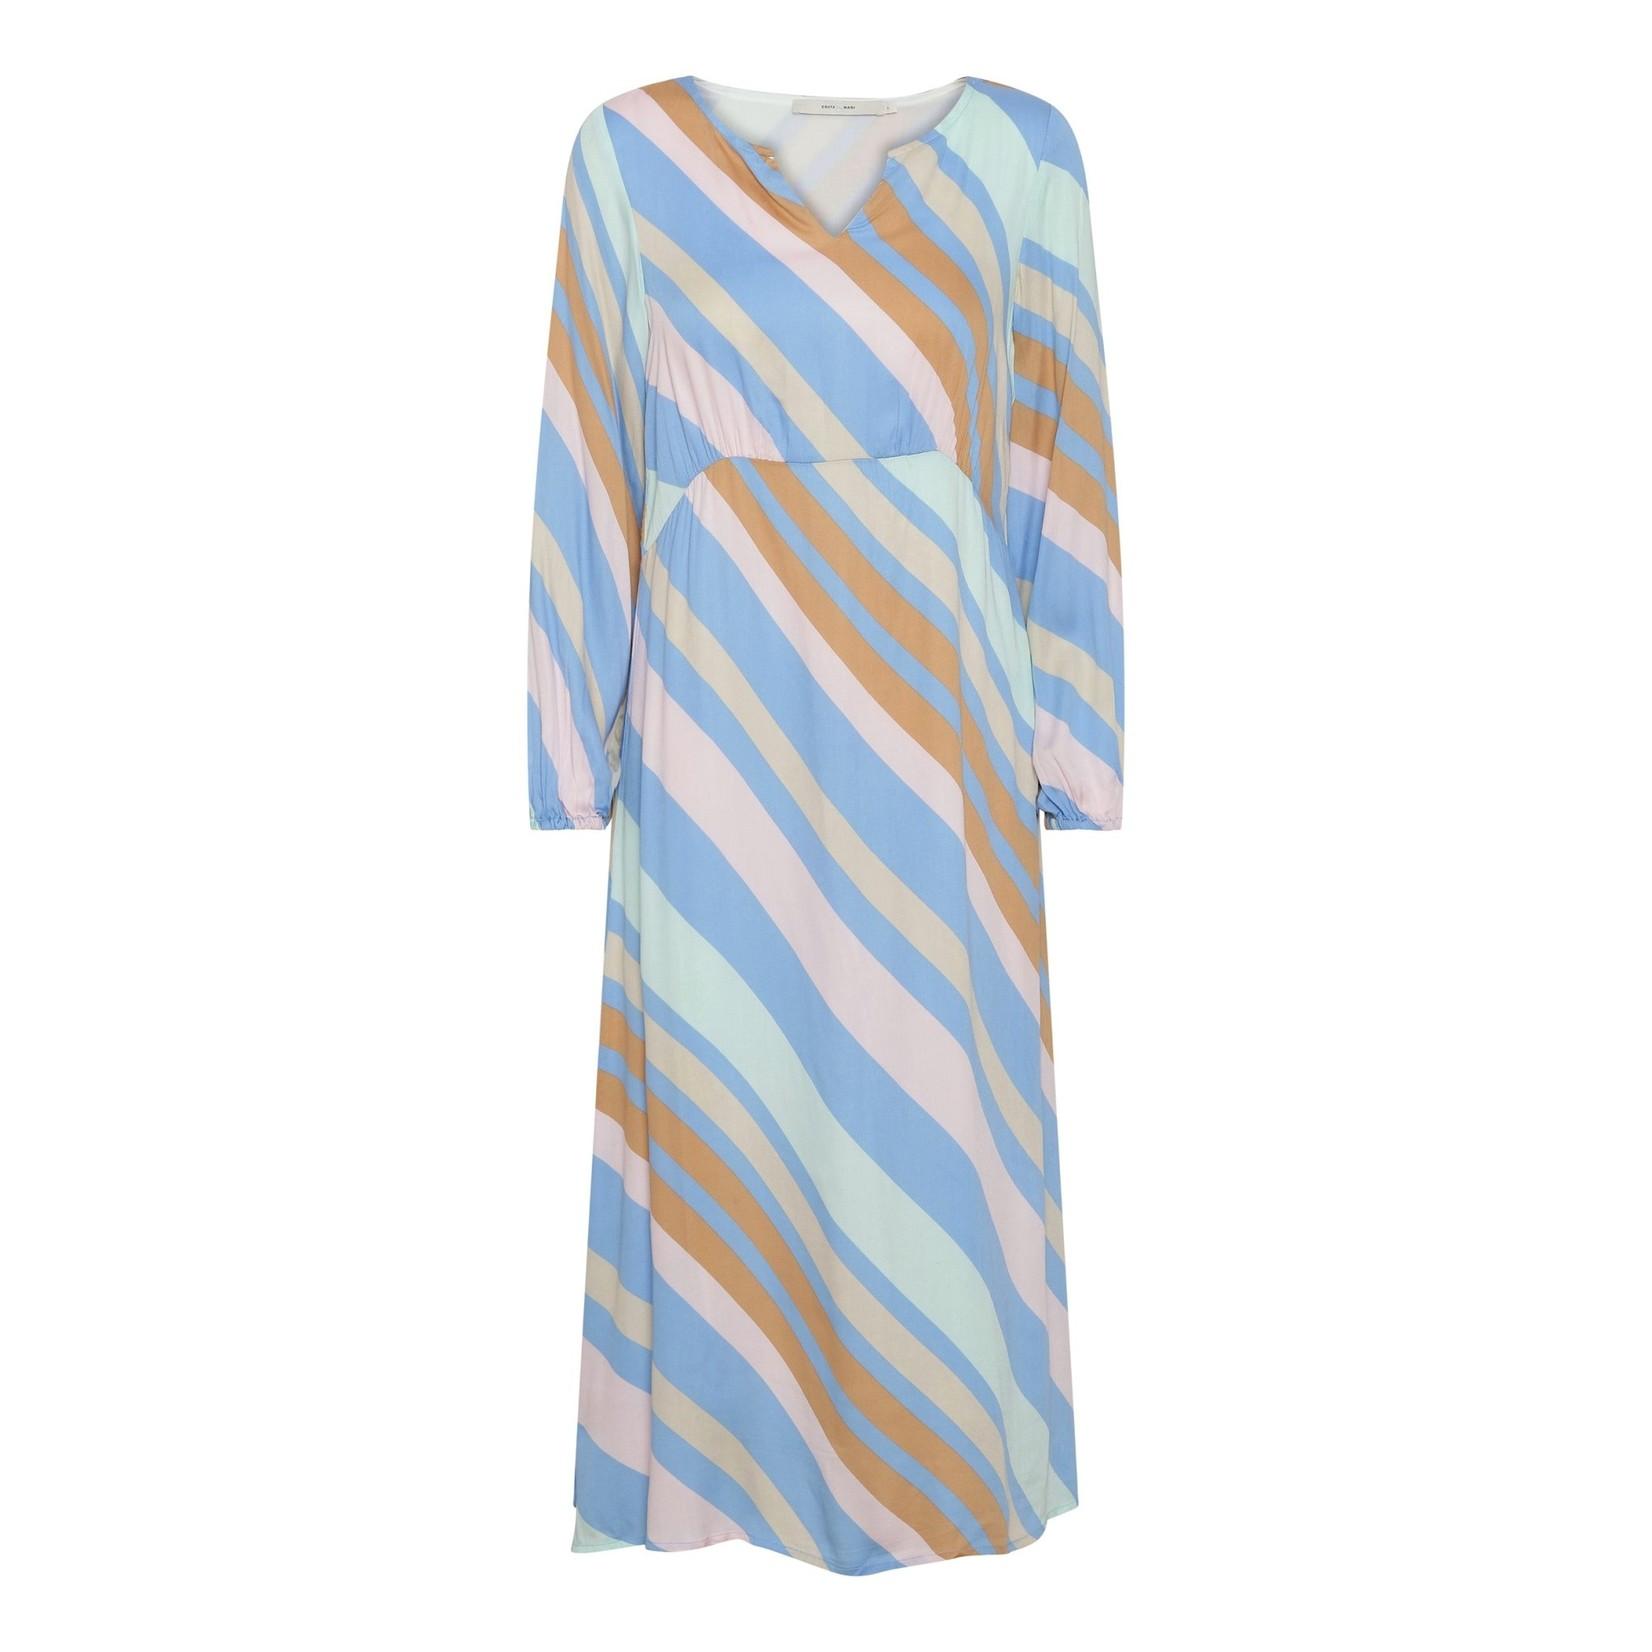 Costa & Mani Costa Mani Happy Dress Multi Stripe 2101310